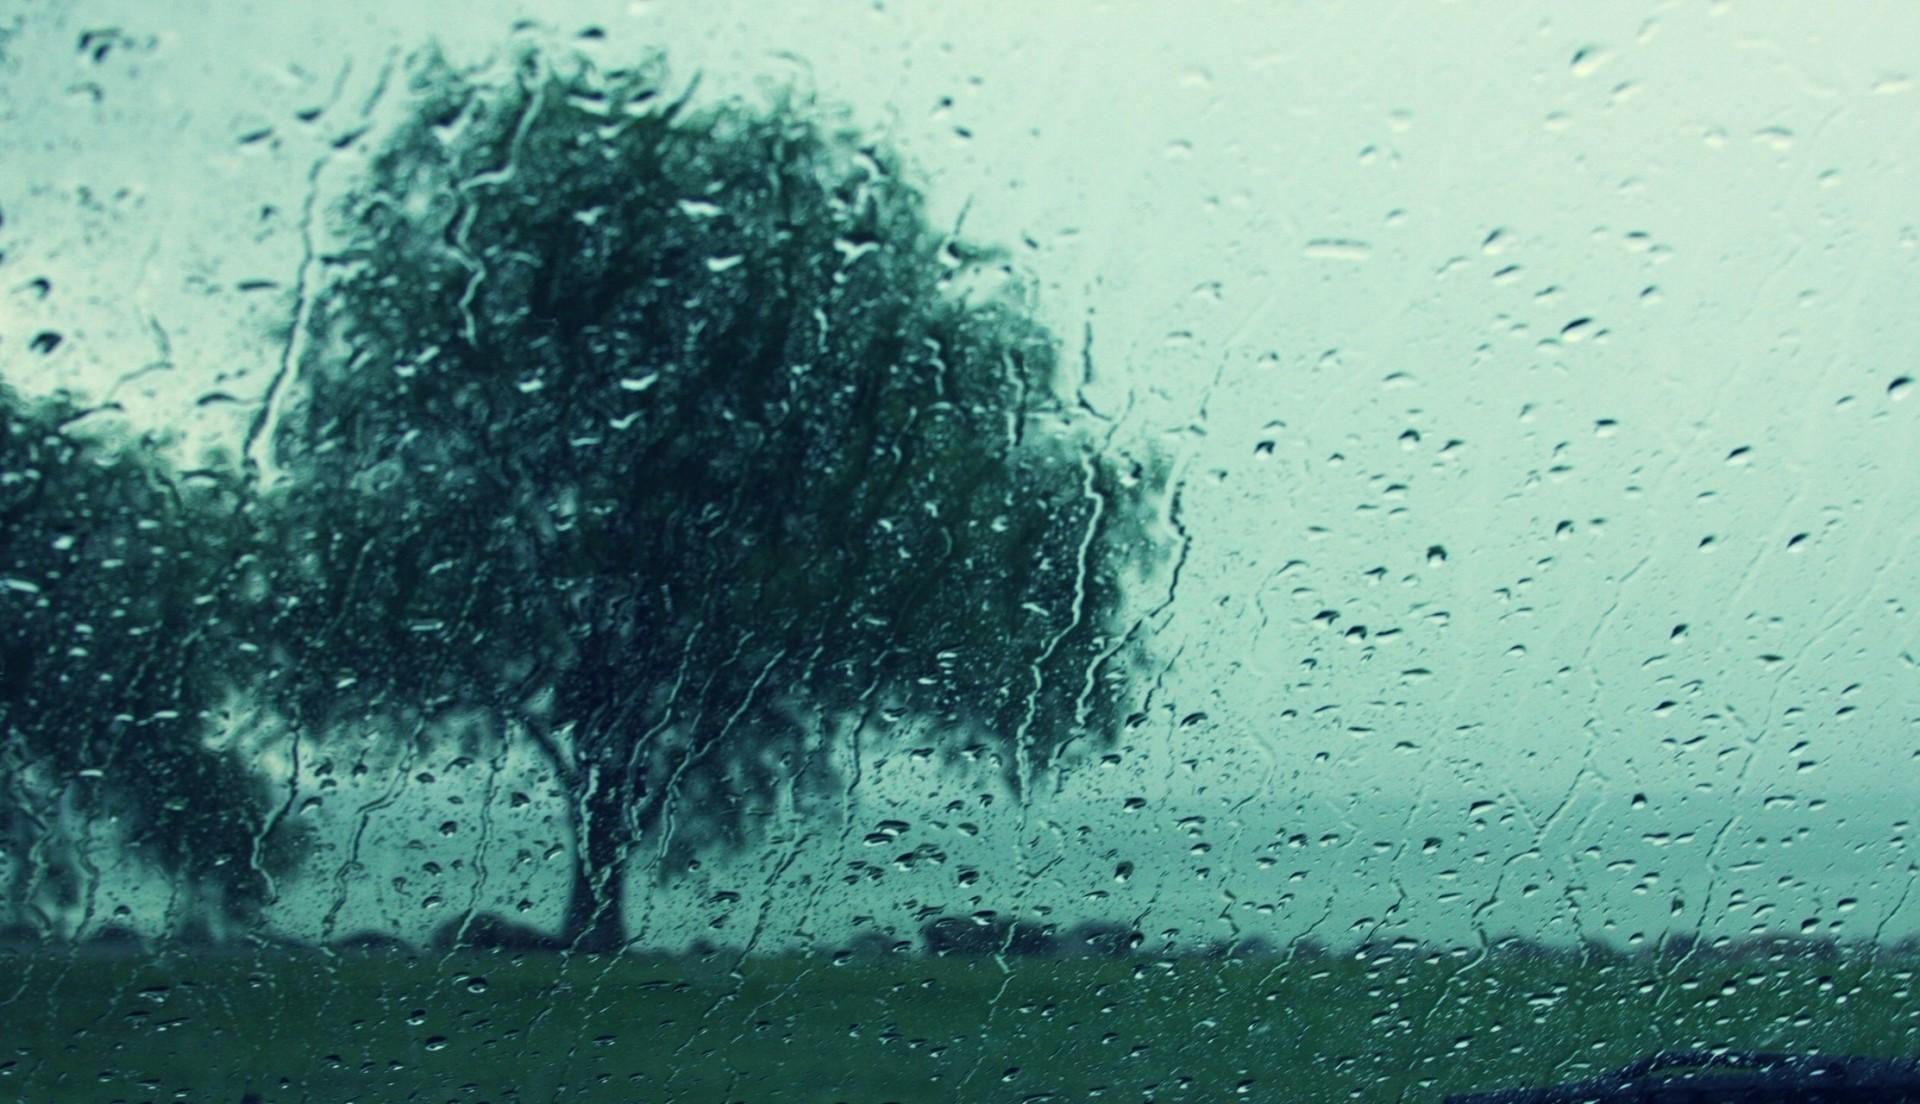 грустные фотки дождь предложите ребенку раскрасить